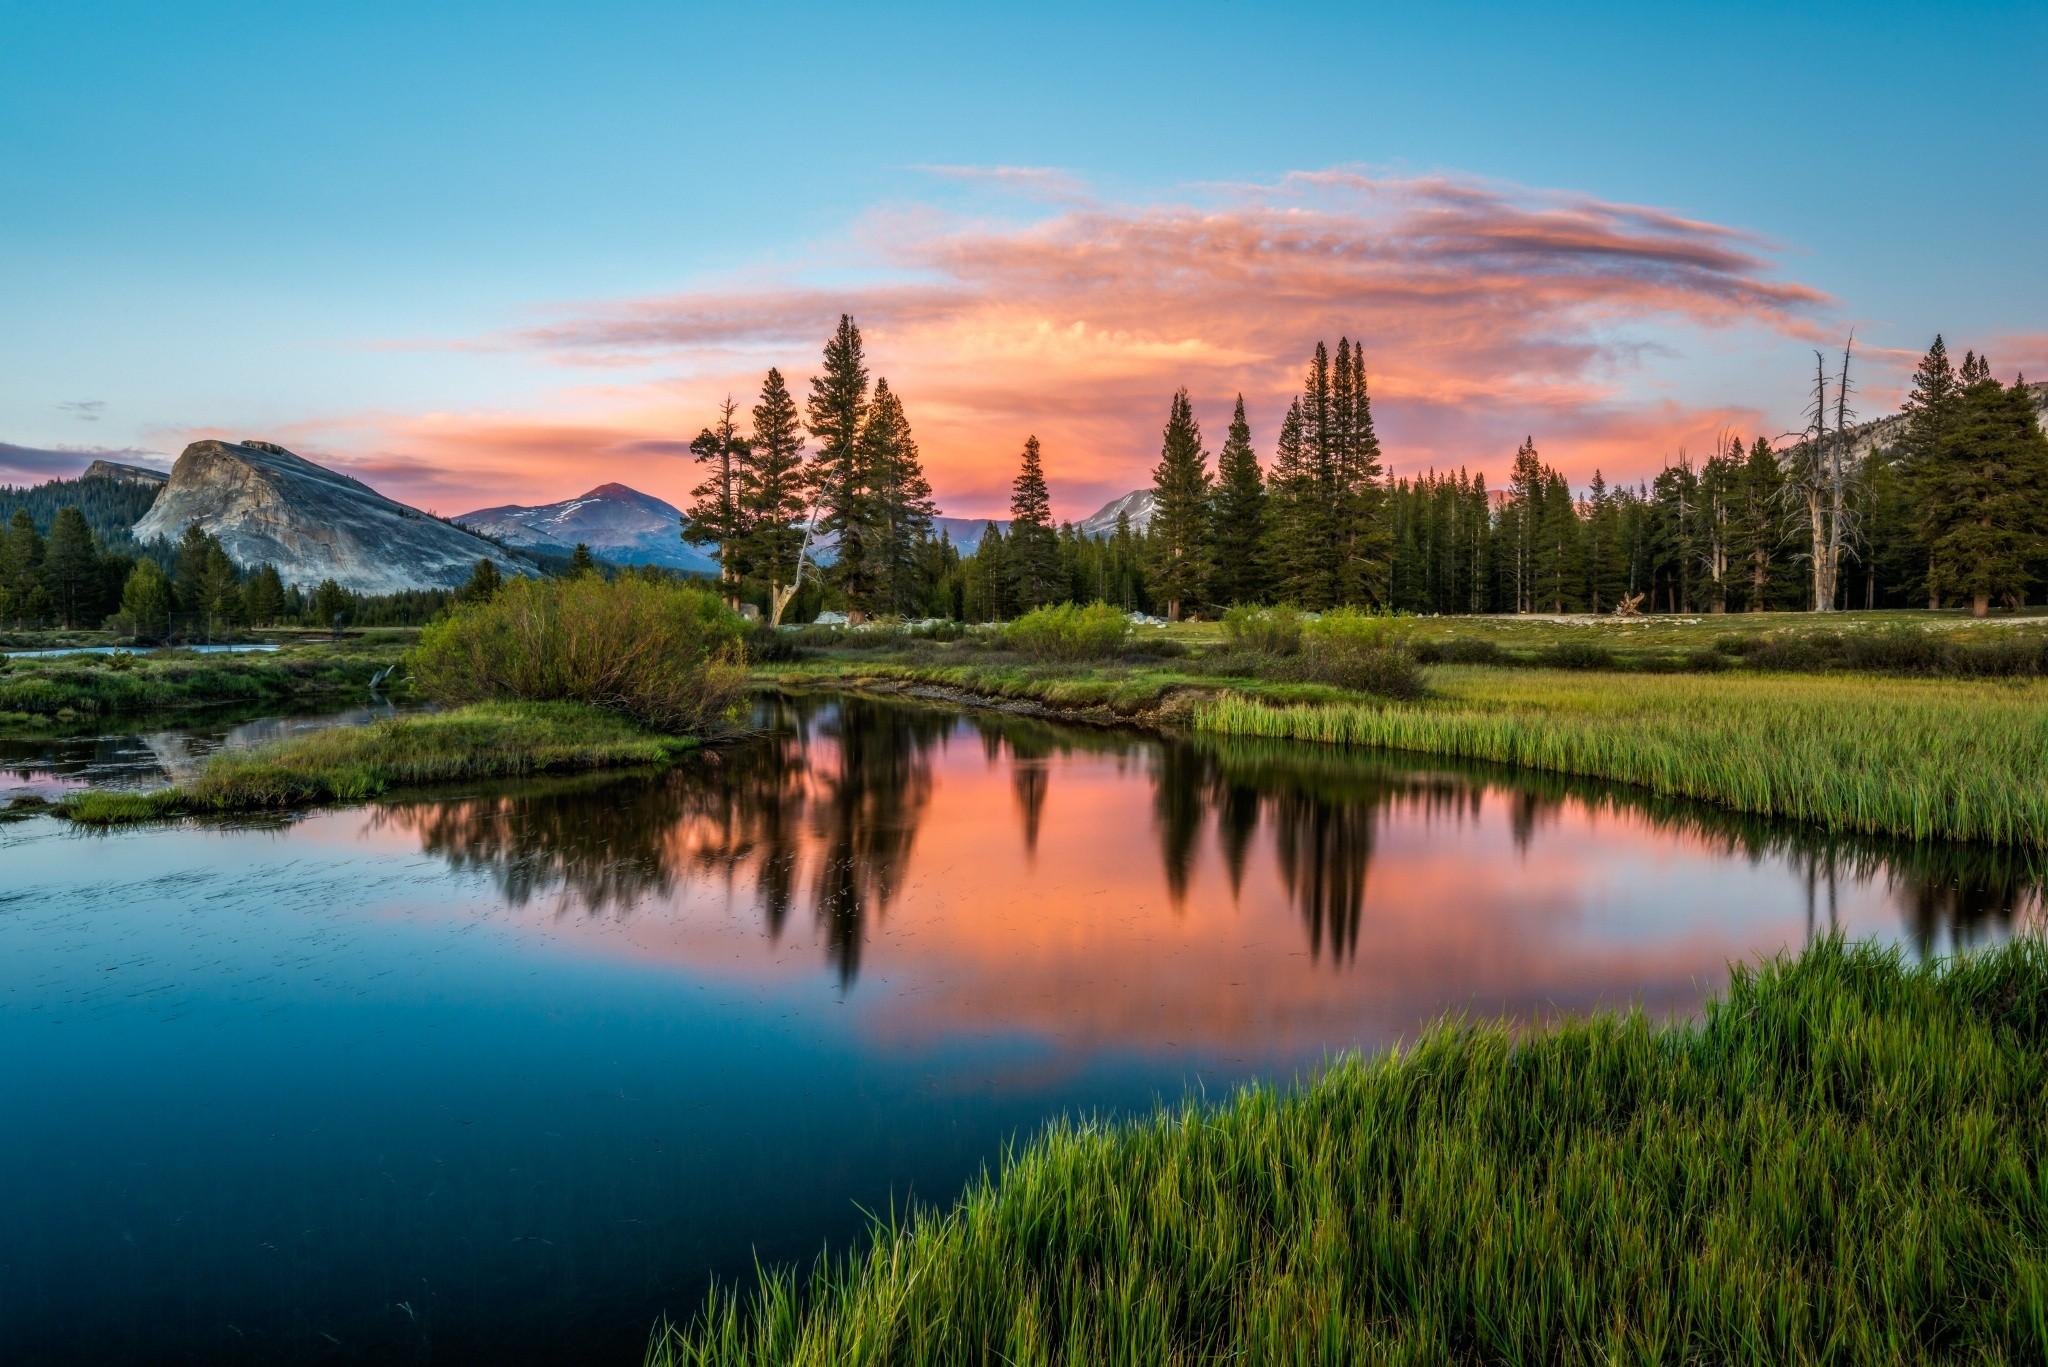 процесс приготовления смотреть фото пейзажи на озерах такой